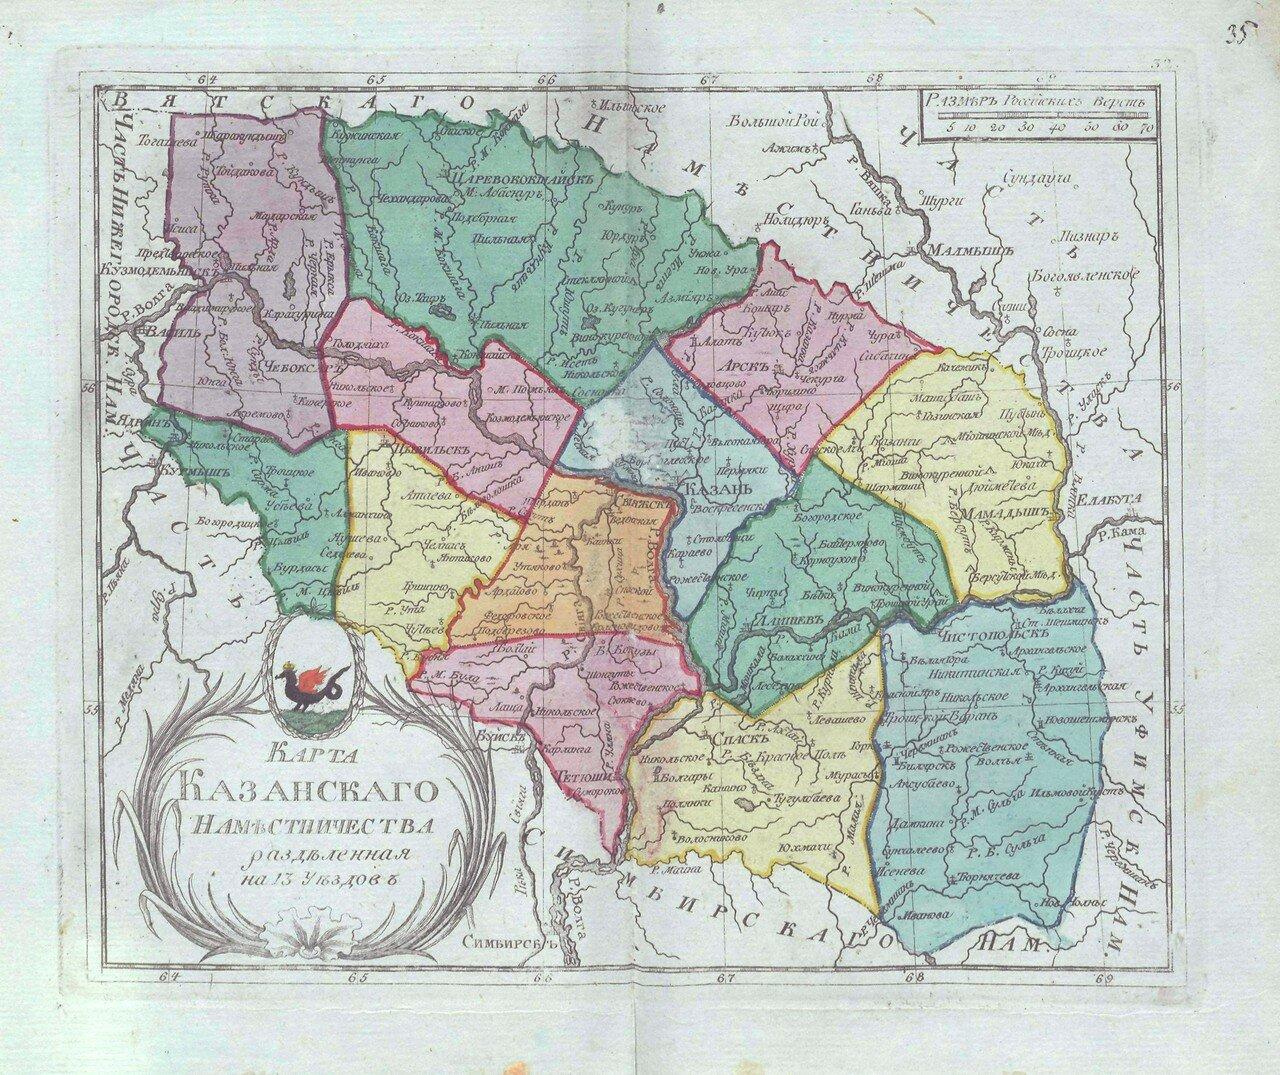 37. Карта Казанского наместничества